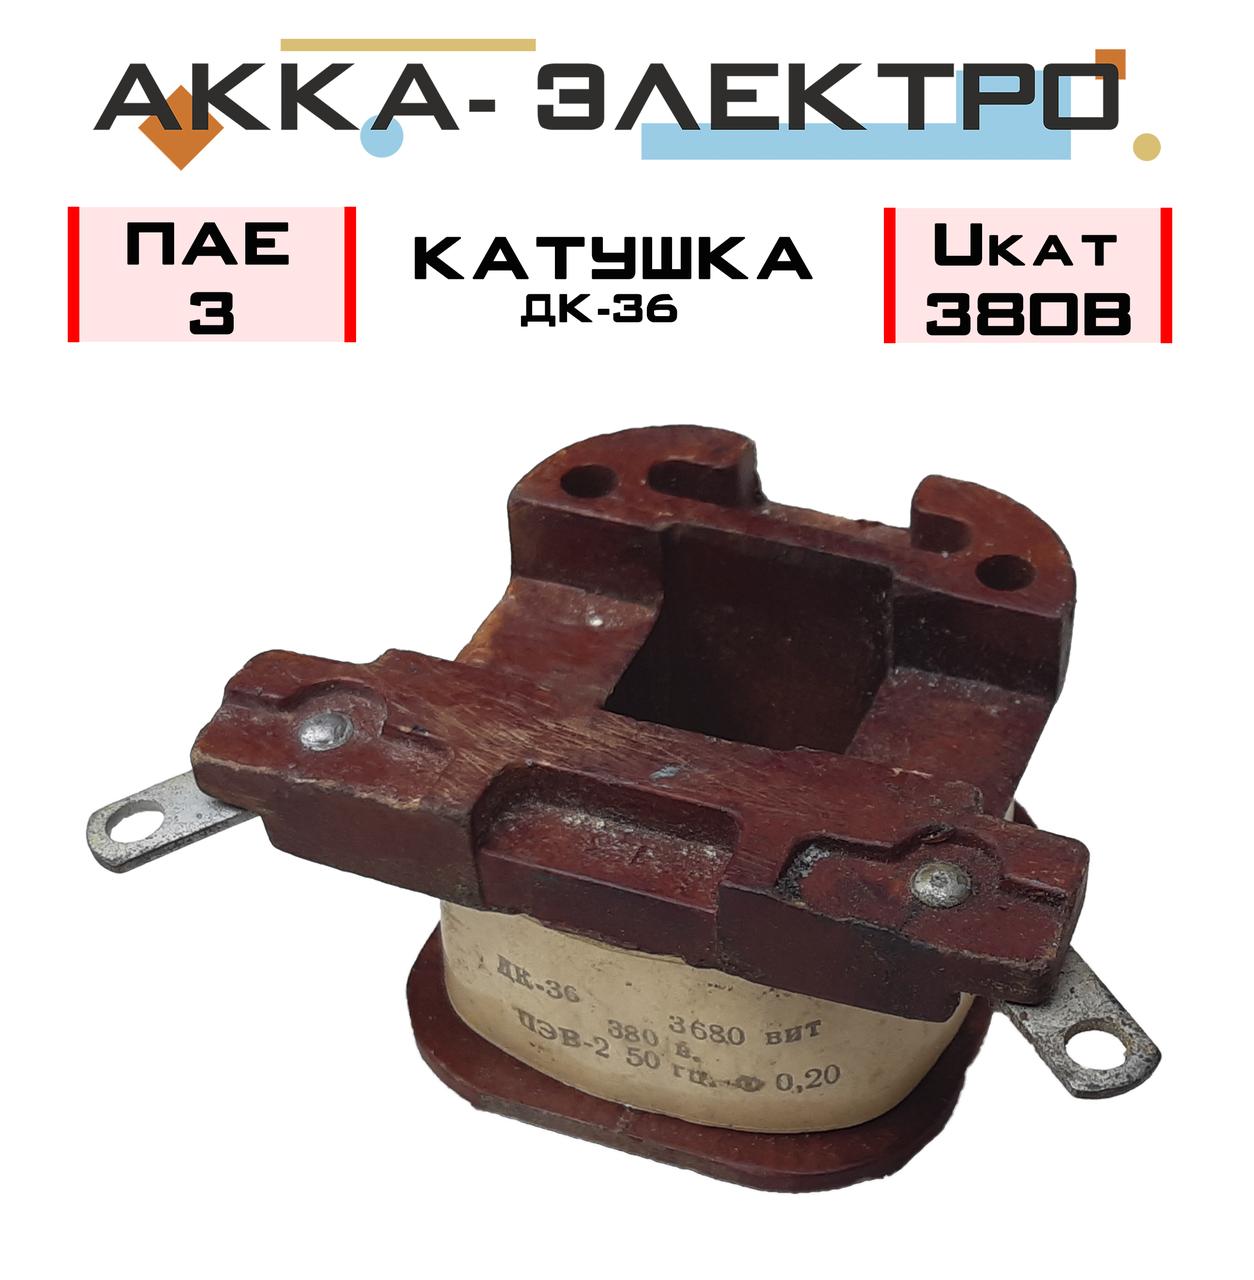 Котушка до пускача ПАЕ-3   Uкат 380В